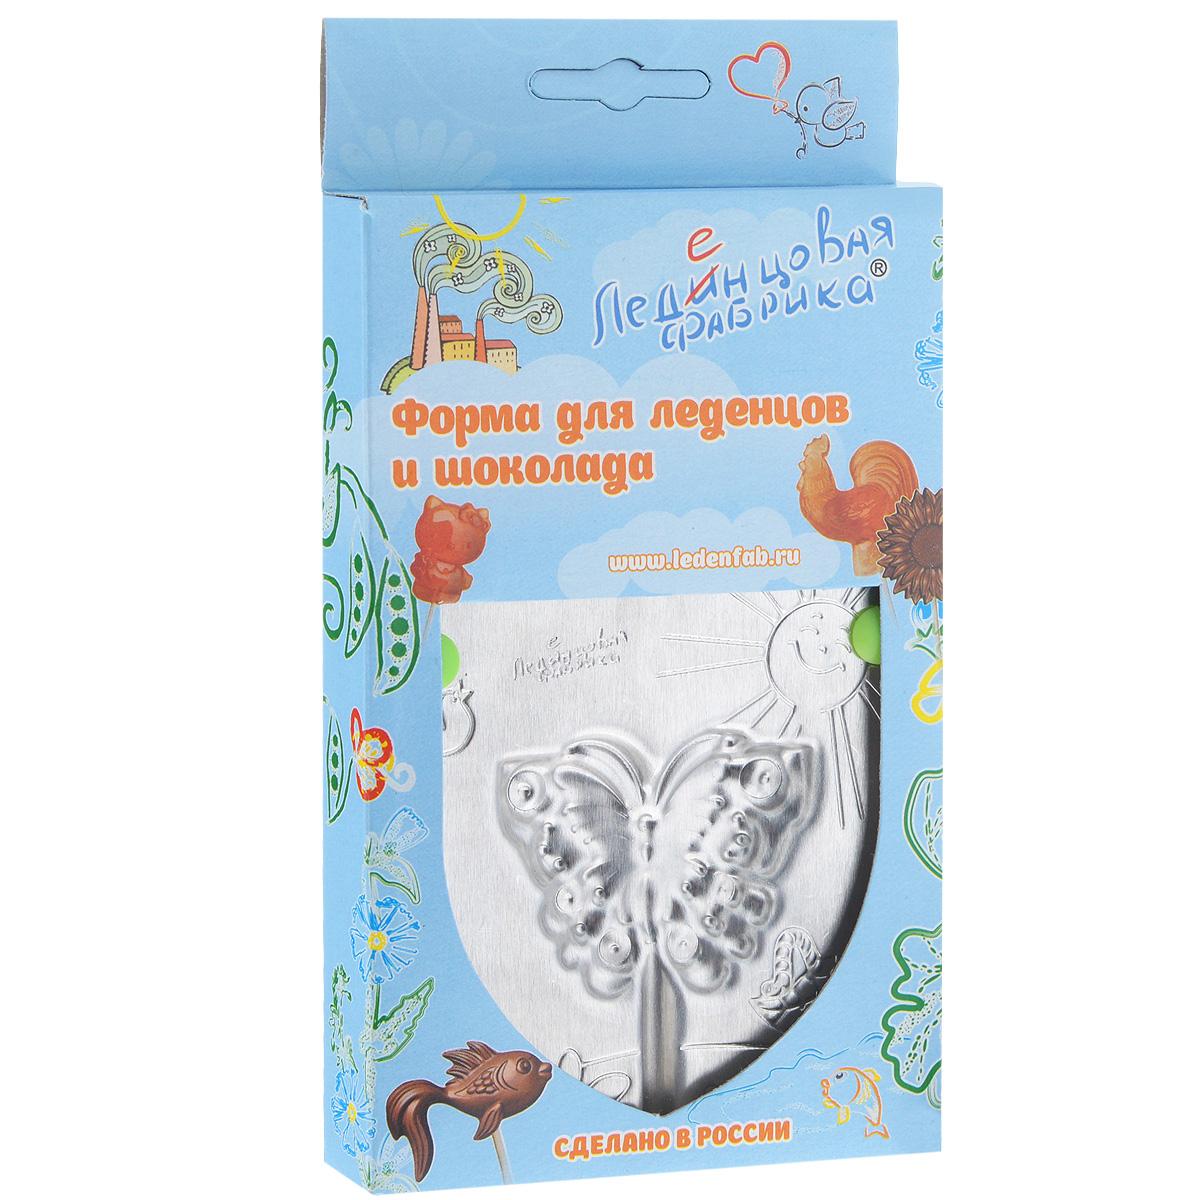 Форма для леденцов Бабочка, 9,5 см х 9,5 см115510С помощью формы Бабочка вы сможете сделать разнообразные леденцы и шоколадки своими руками, используя натуральные продукты: сахар, воду, сок и готовый шоколад. Изделие выполнено из пищевого алюминия. Форма удобна в использовании и оснащена пластиковыми ножками. В комплект входят 10 палочек для леденцов, выполненных из бамбука, и инструкция по применению. Размер формы: 9,5 см х 9,5 см. Размер готового леденца: 4,2 см х 5,3 см. Длина палочки: 15 см.